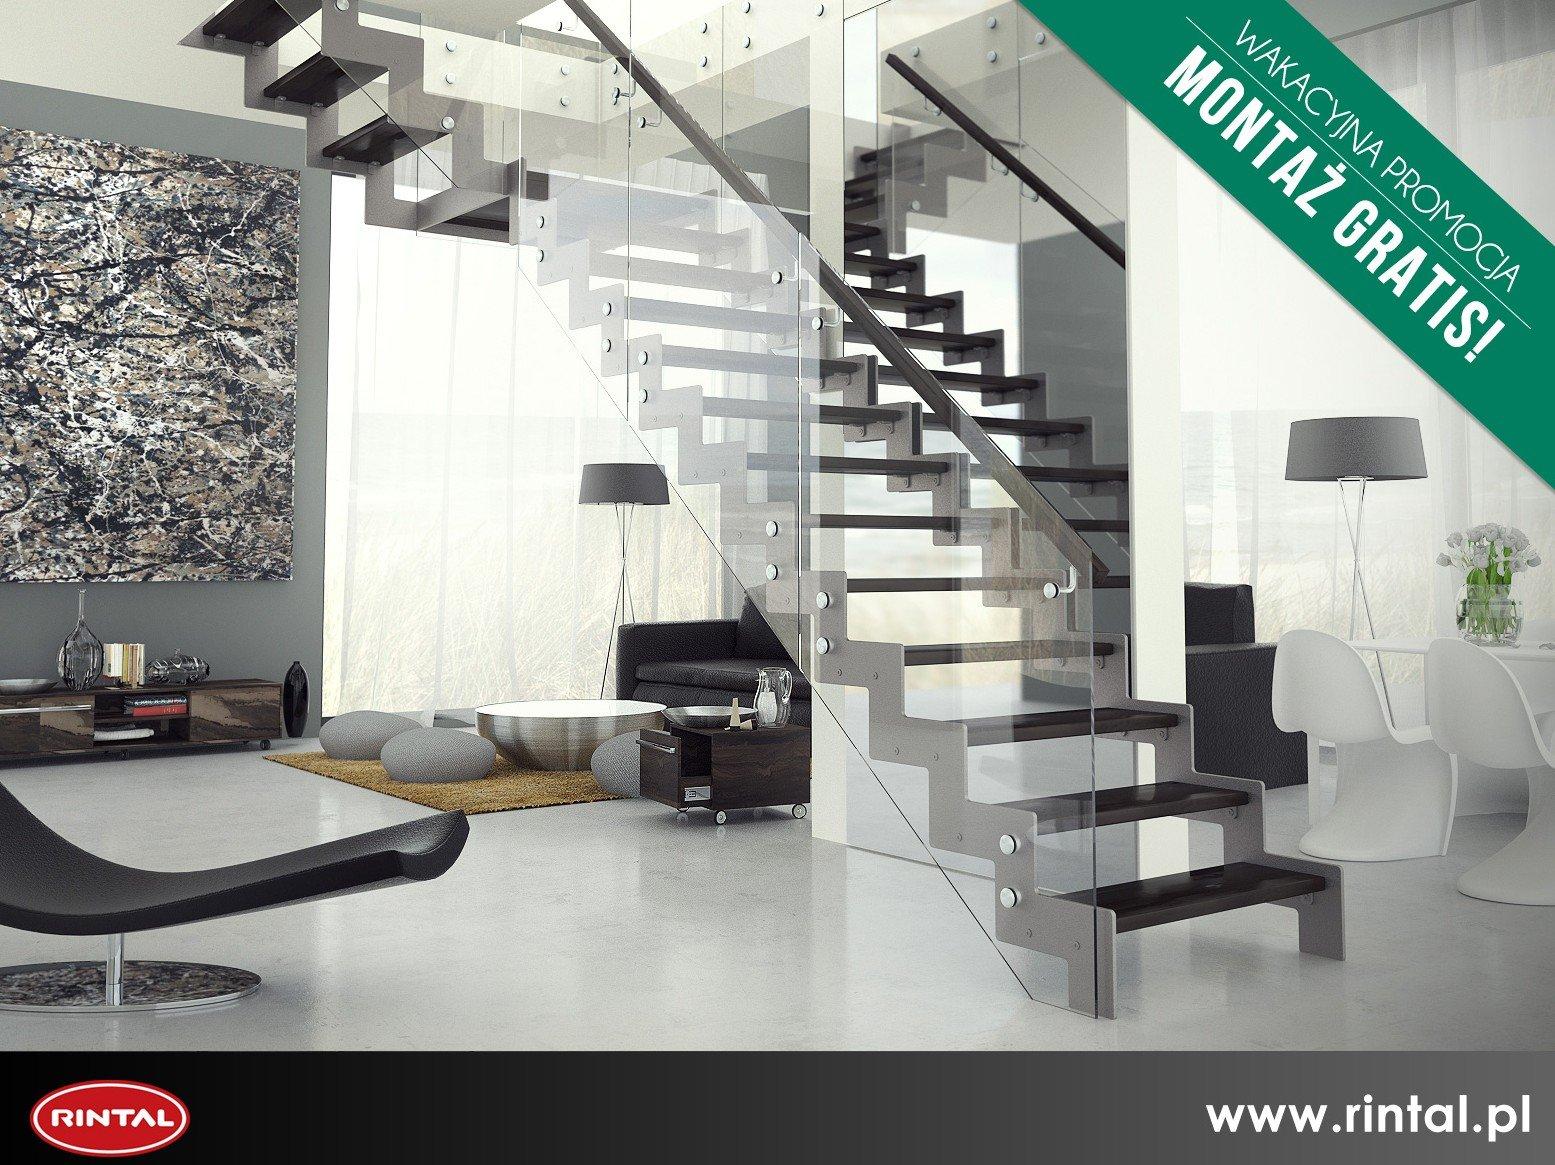 Schody Rintal – montaż schodów w lipcu za darmo!